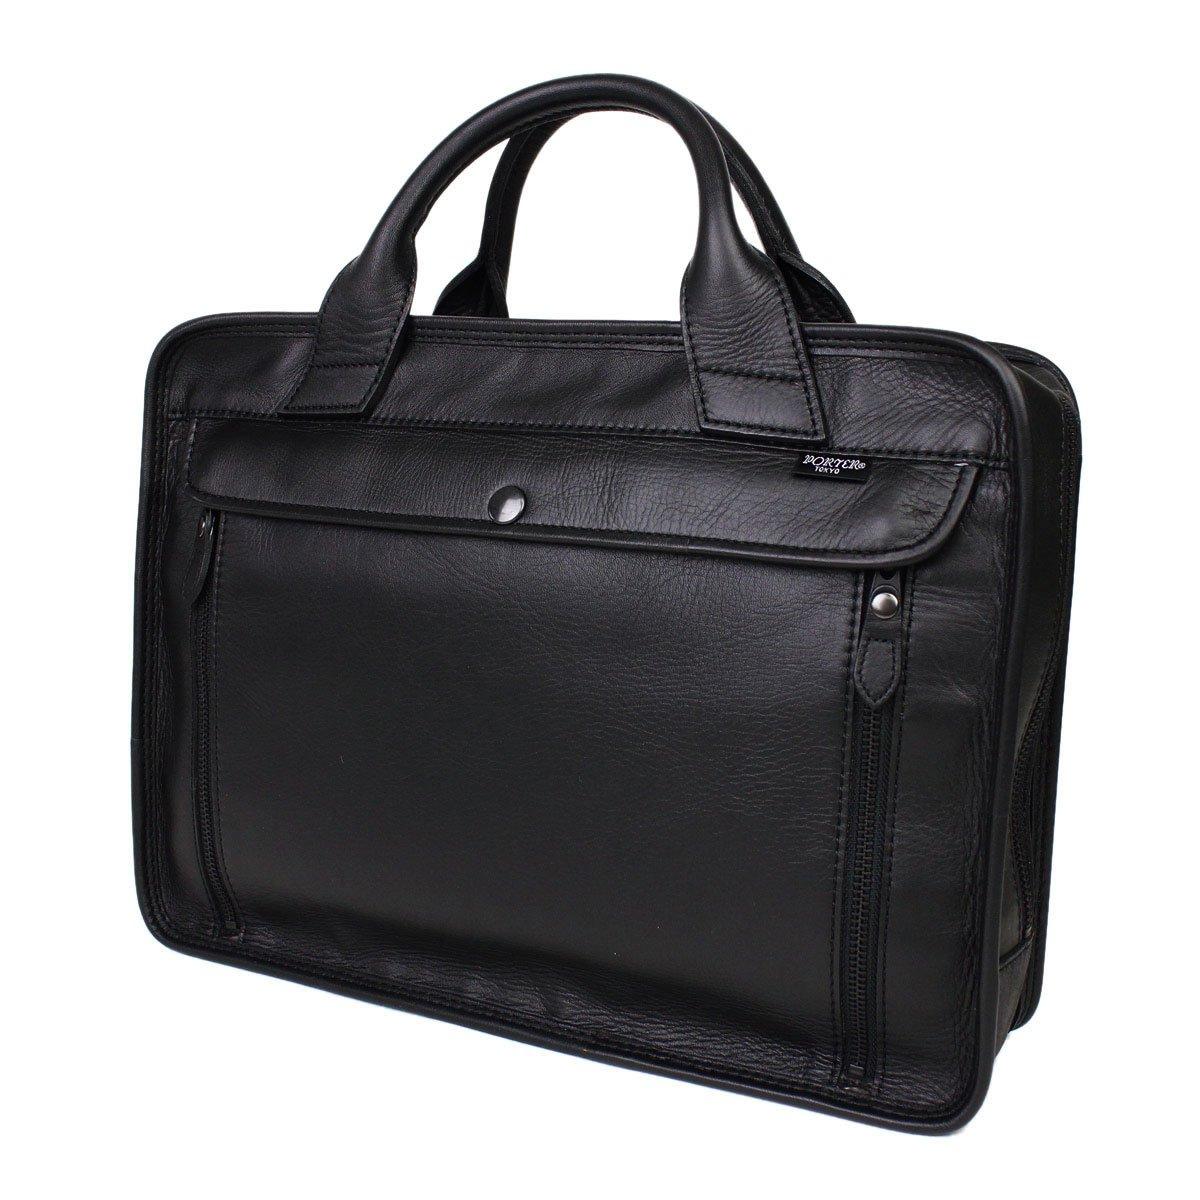 [ポーター] PORTER バロン BARON ブリーフケース ビジネスバッグ(a4対応) 206-02631 B00GIAHT28ブラック(10)